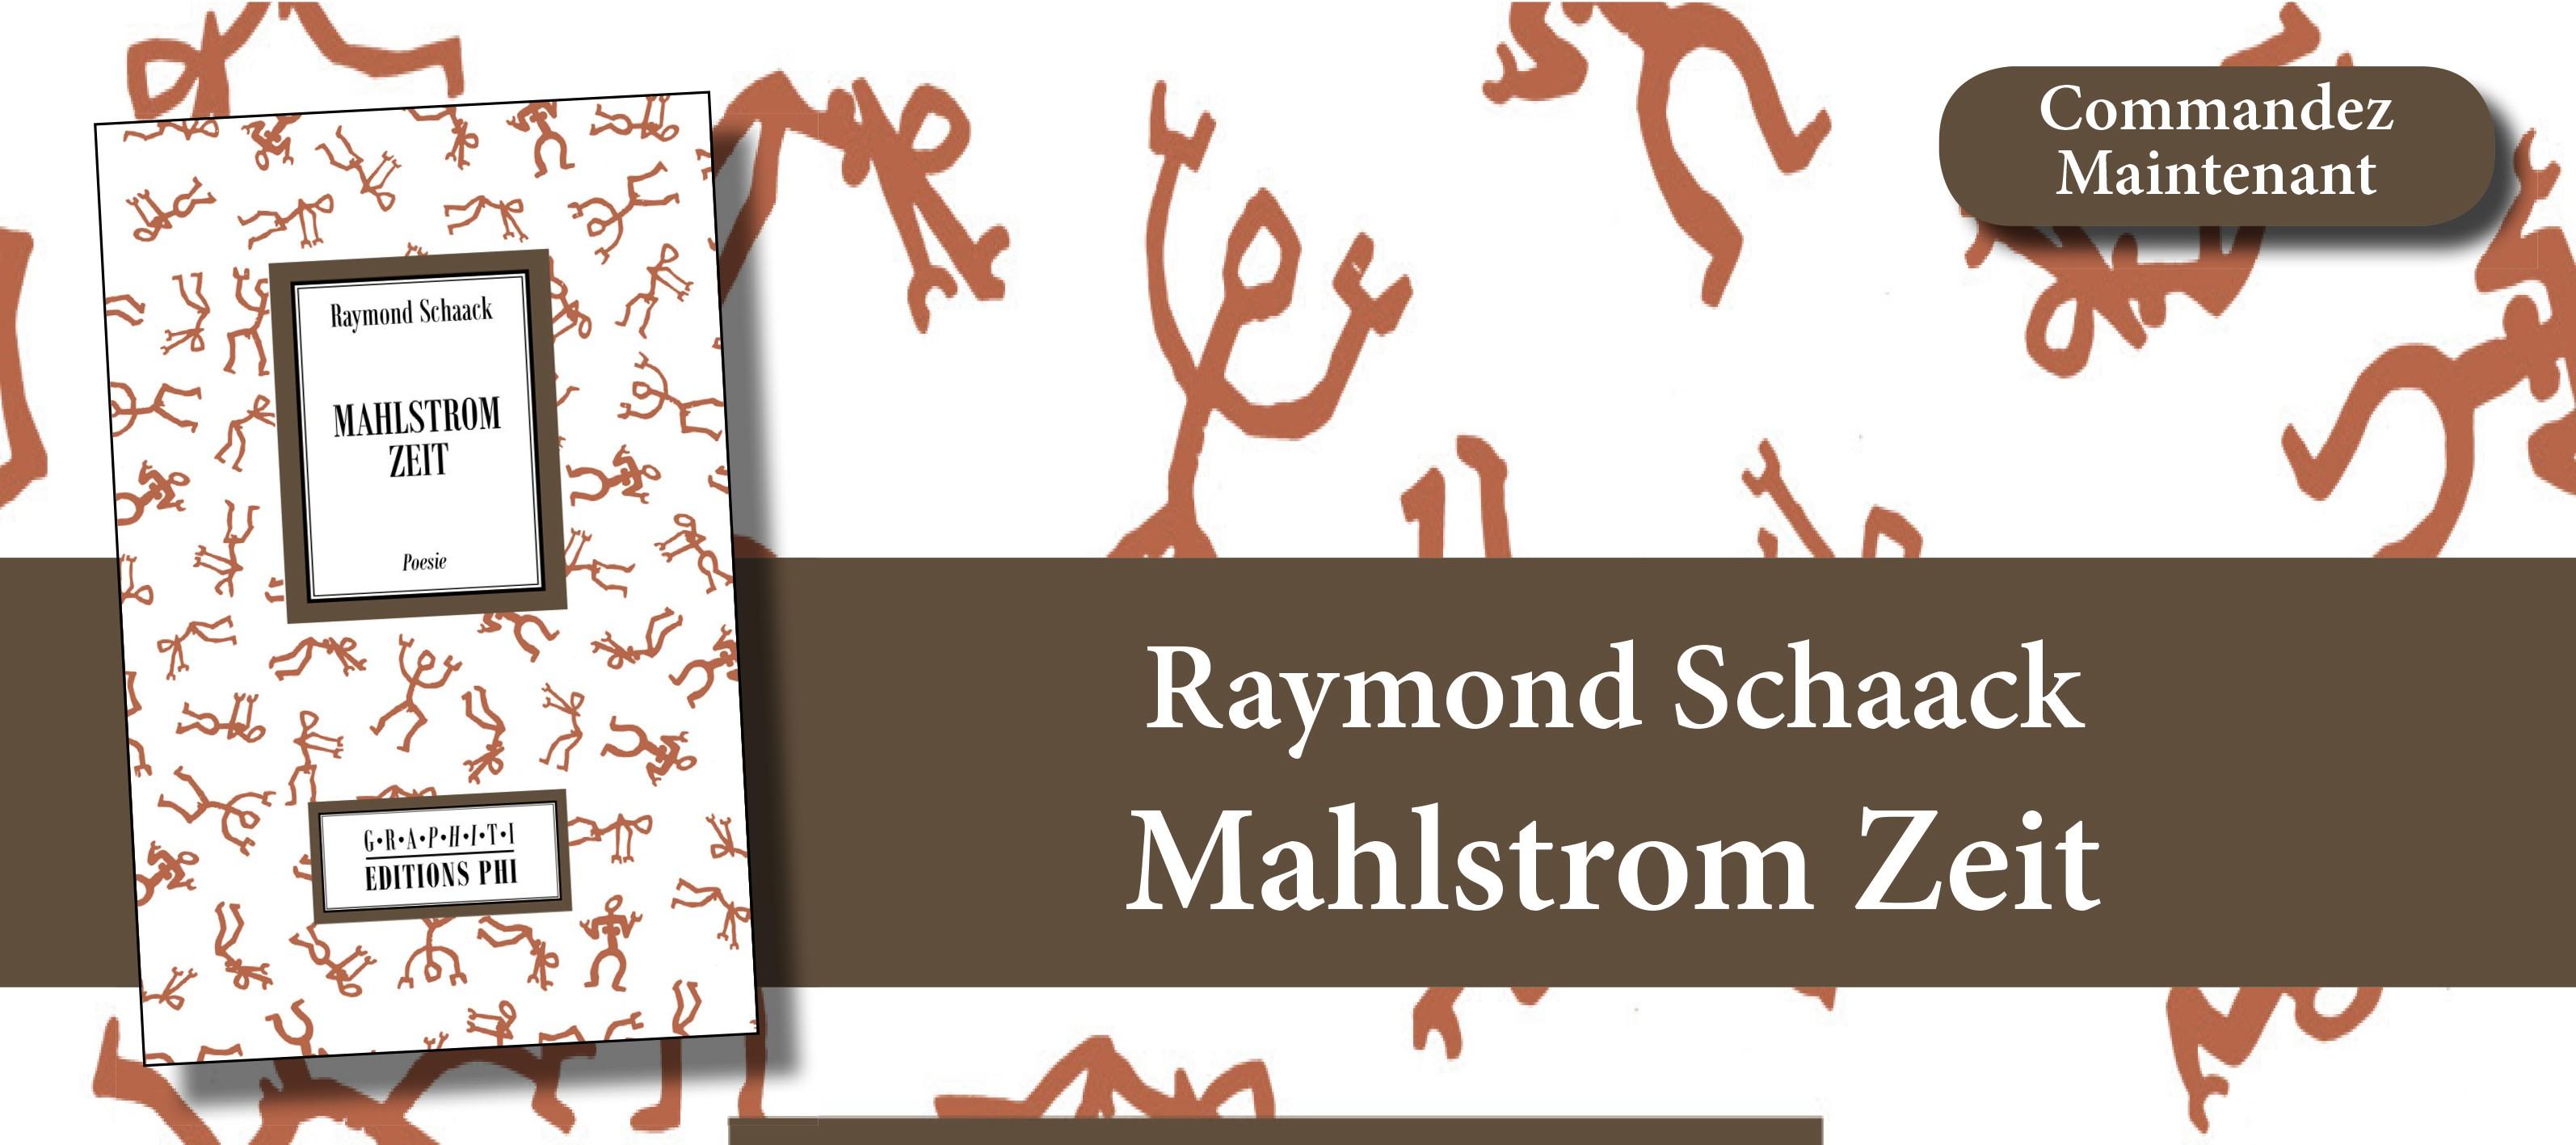 Raymond Schaack - Mahlstrom Zeit